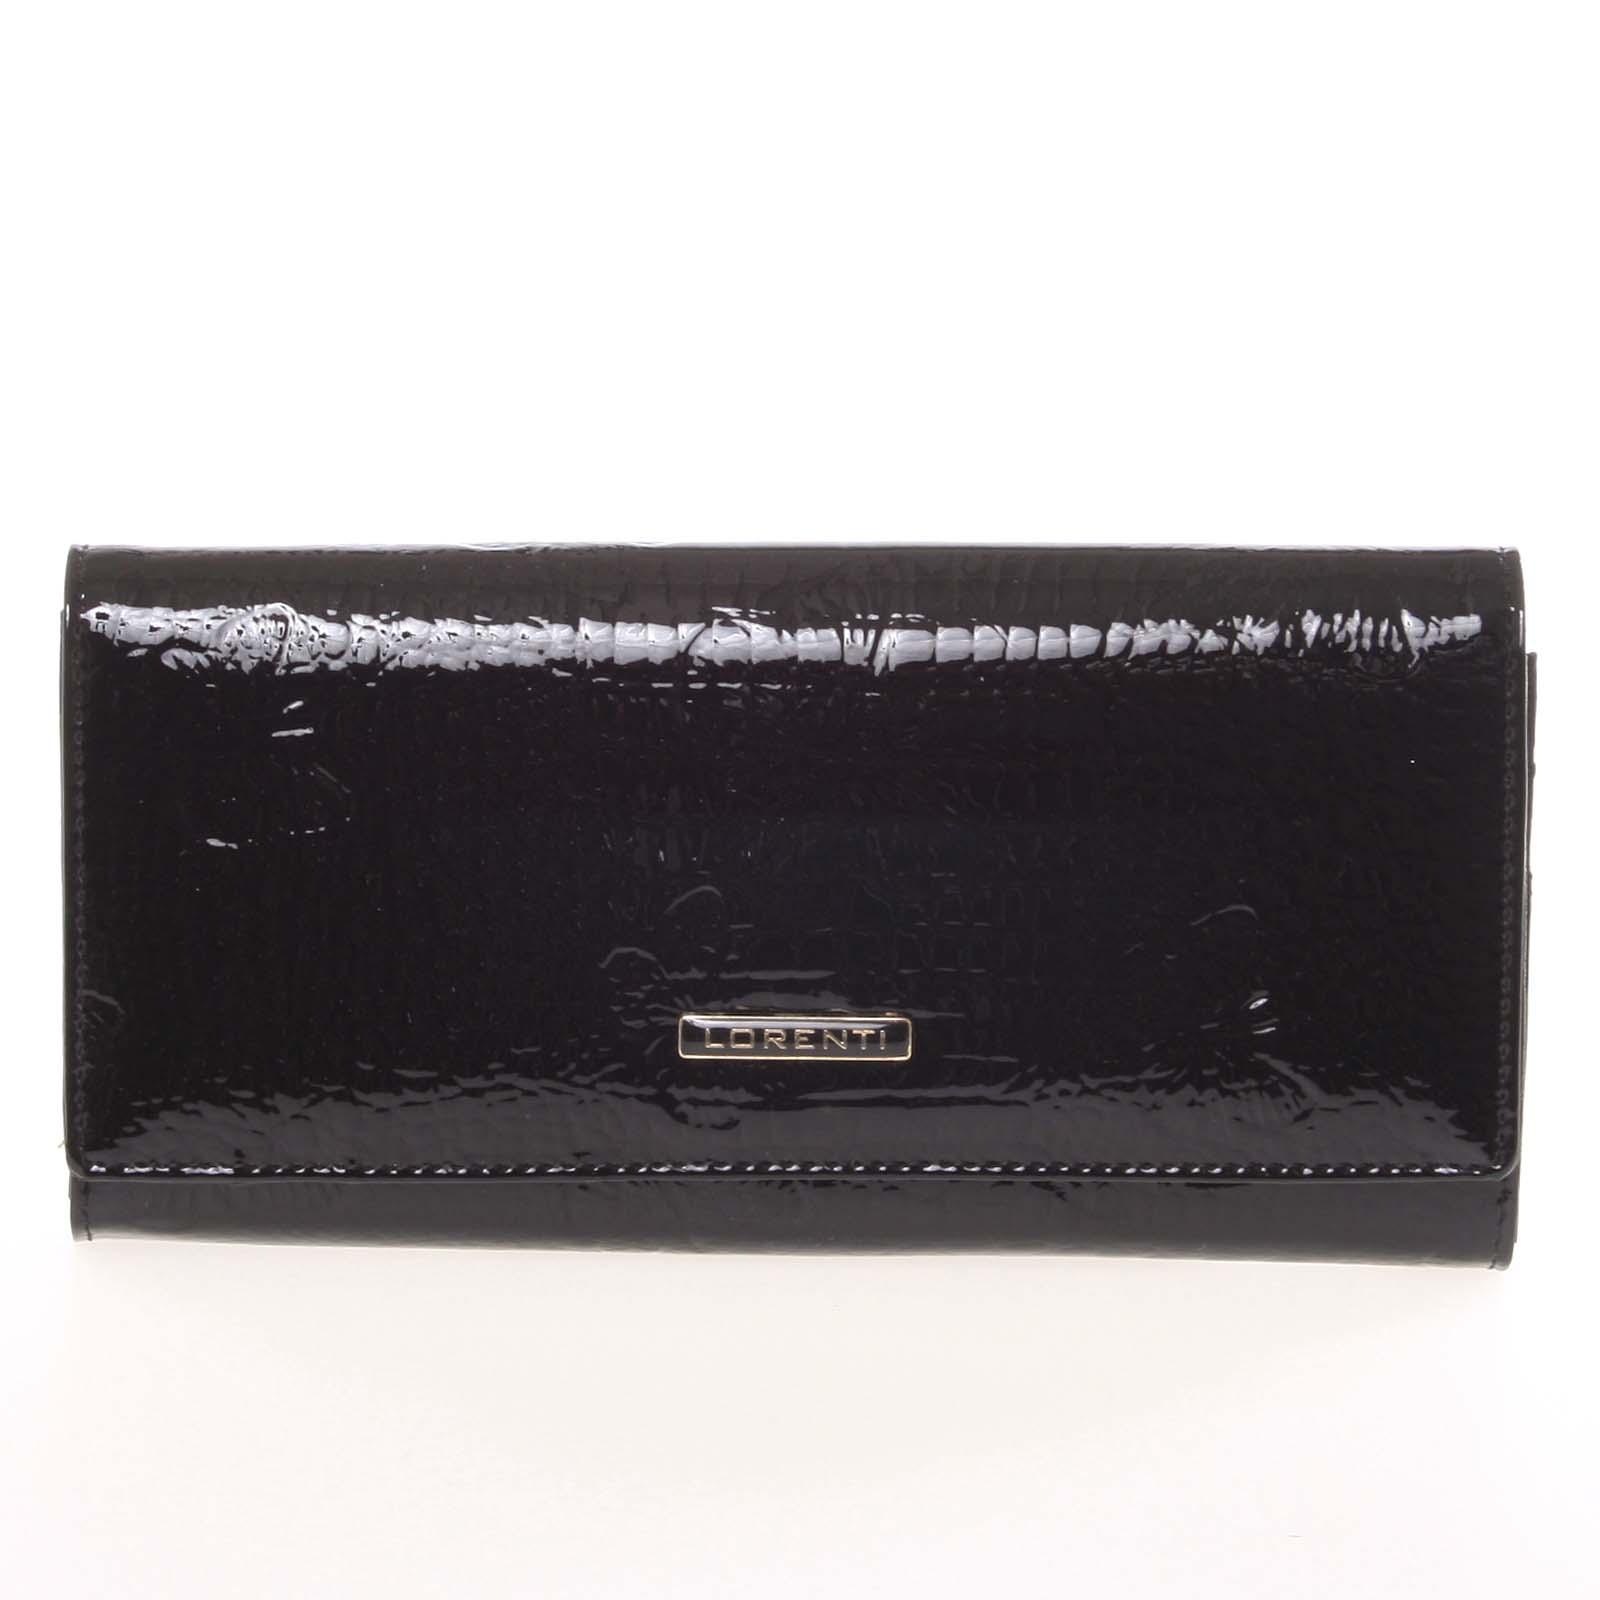 Dámska módna kožená lakovaná peňaženka čierna - Lorenti Idylla